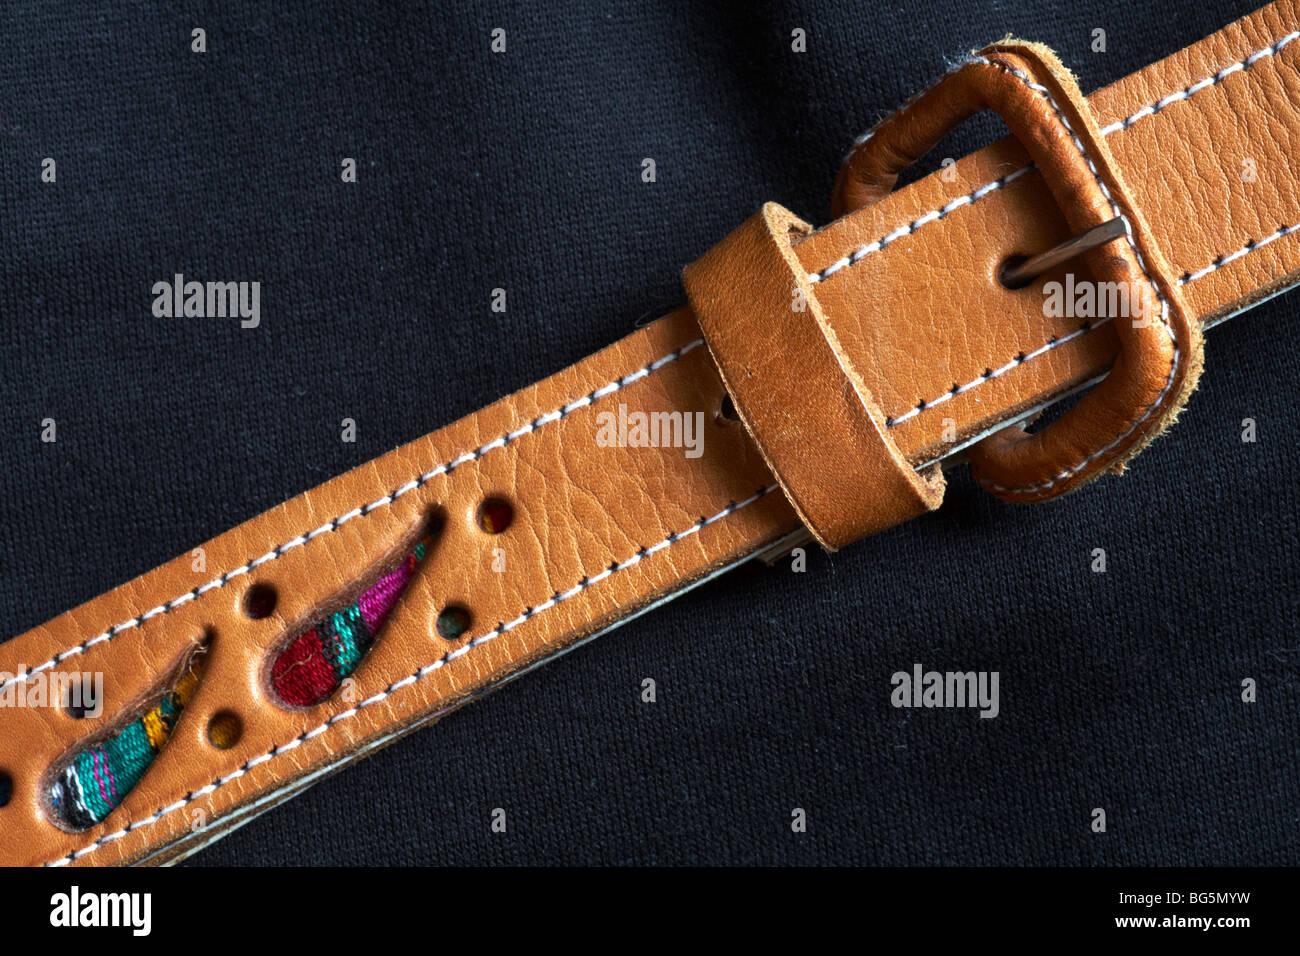 87caf27e2b6fb3 Brauner Ledergürtel mit schwarzen T-shirt und Hose getragen Stockbild